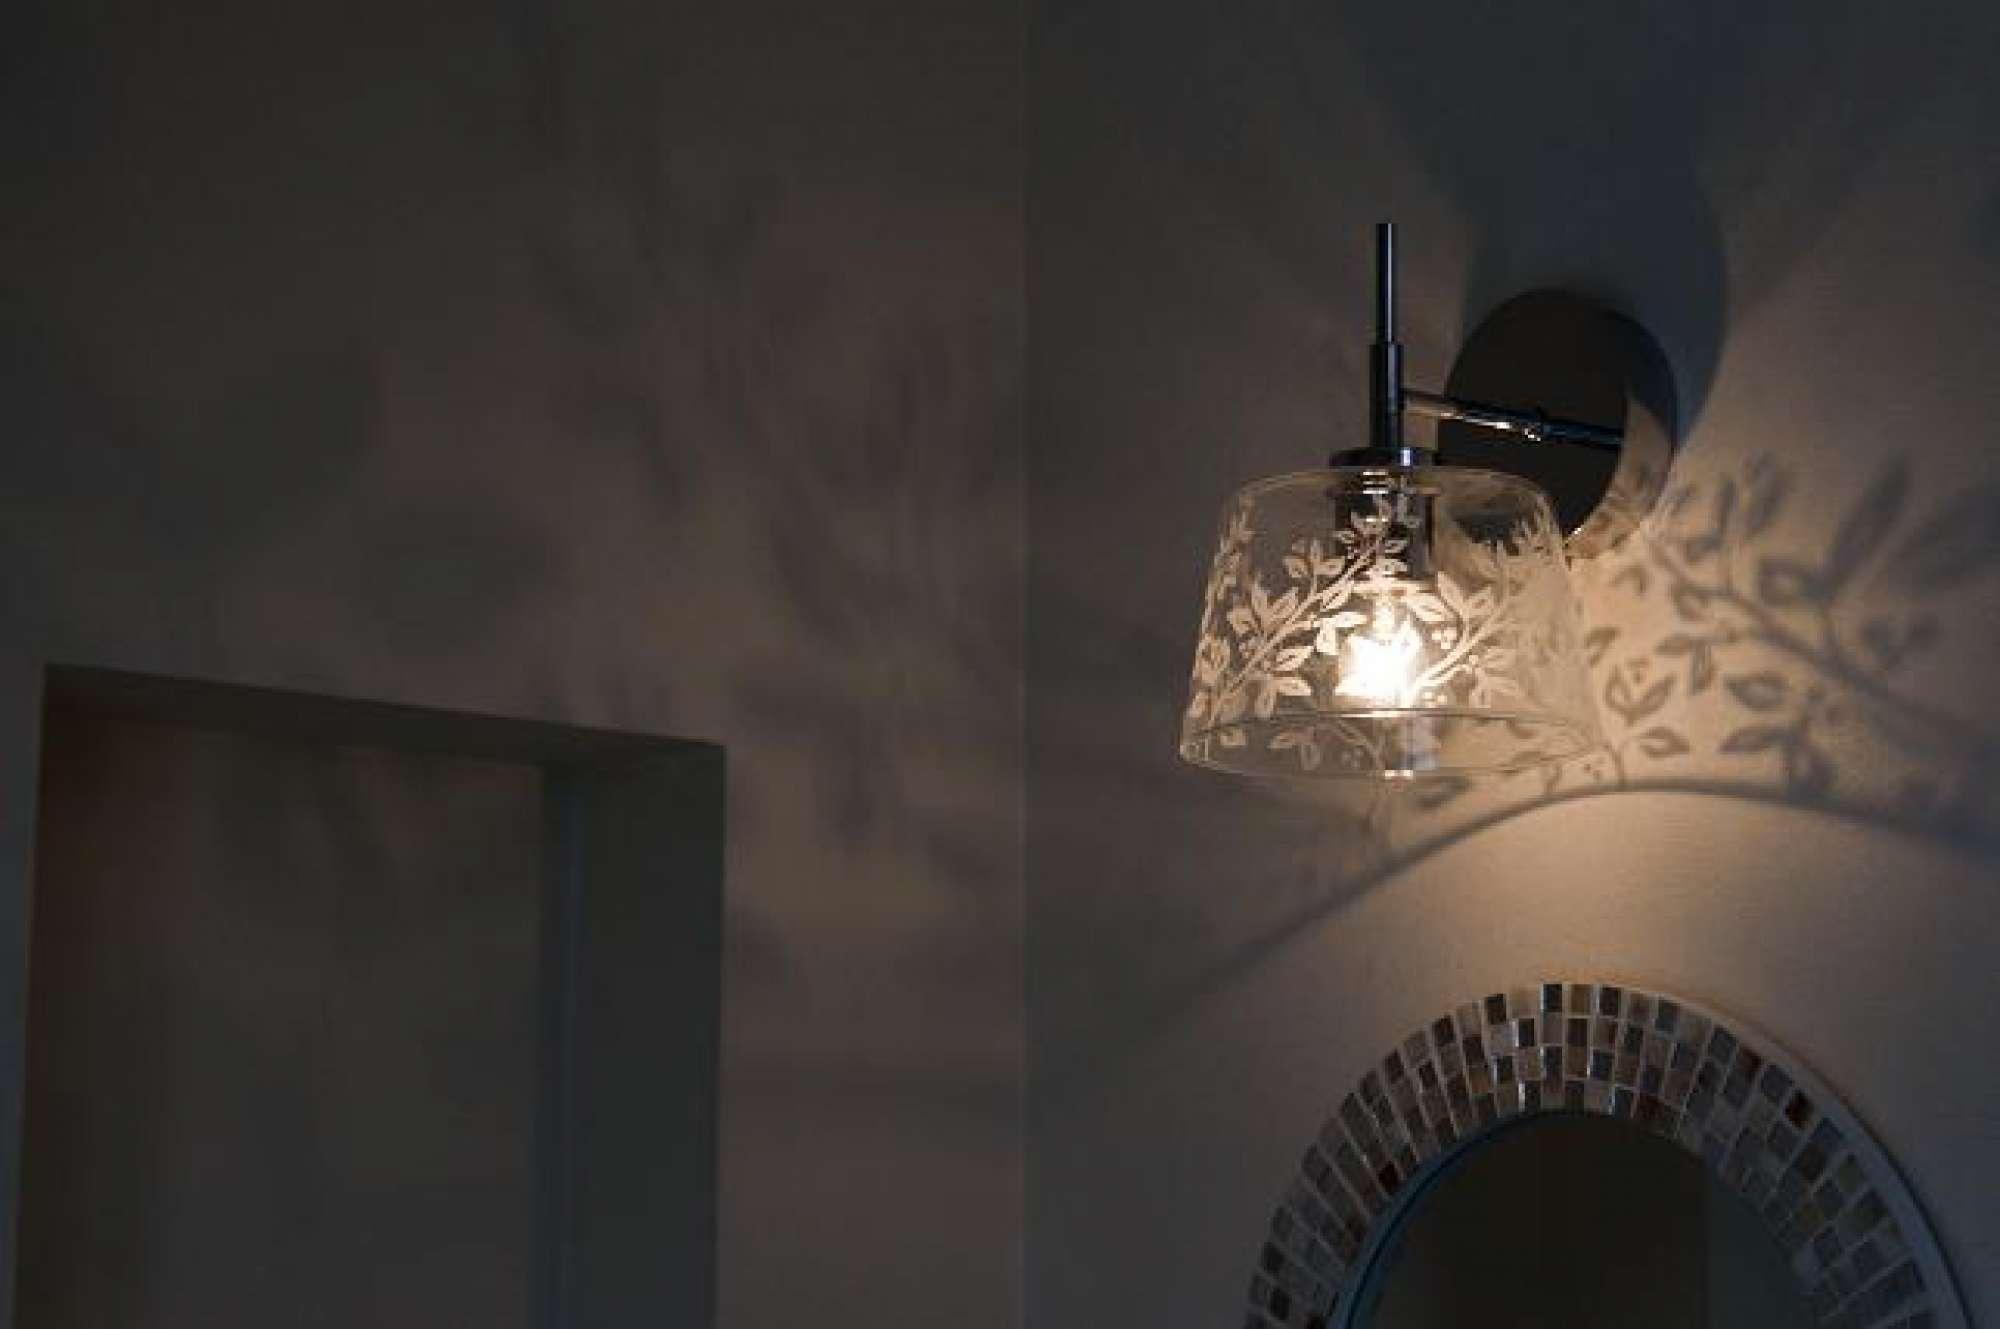 草花のシルエットが浮かぶガラスランプがアンティークな可愛さを演出 -  -  -